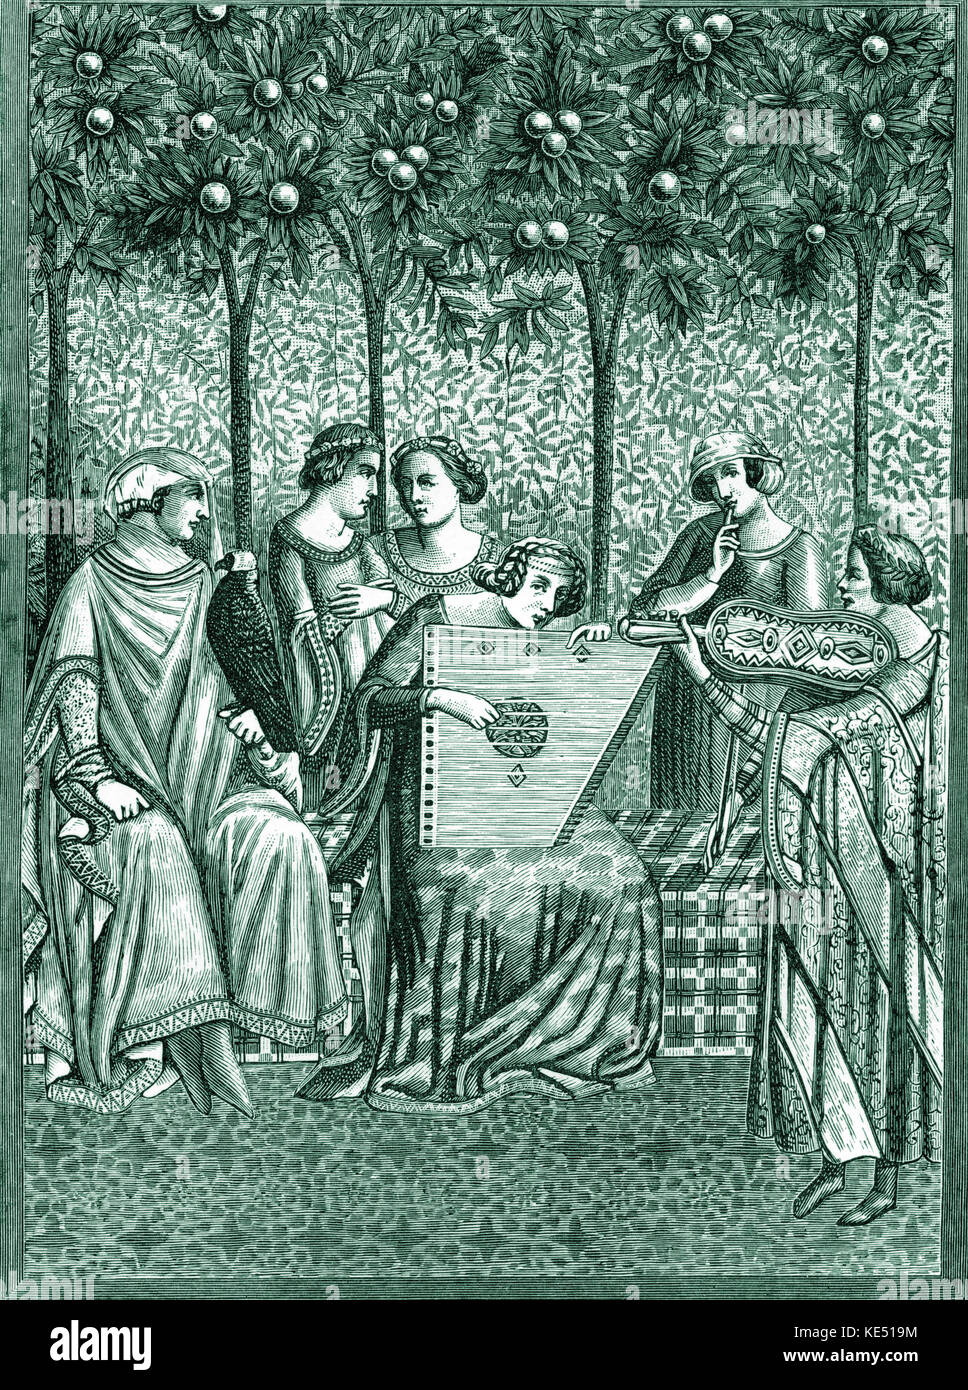 """Vielle e il salterio - svolto dalle donne medievale. dalla pittura murale di """"Trionfo della morte"""" dall'Orcagna. Foto Stock"""